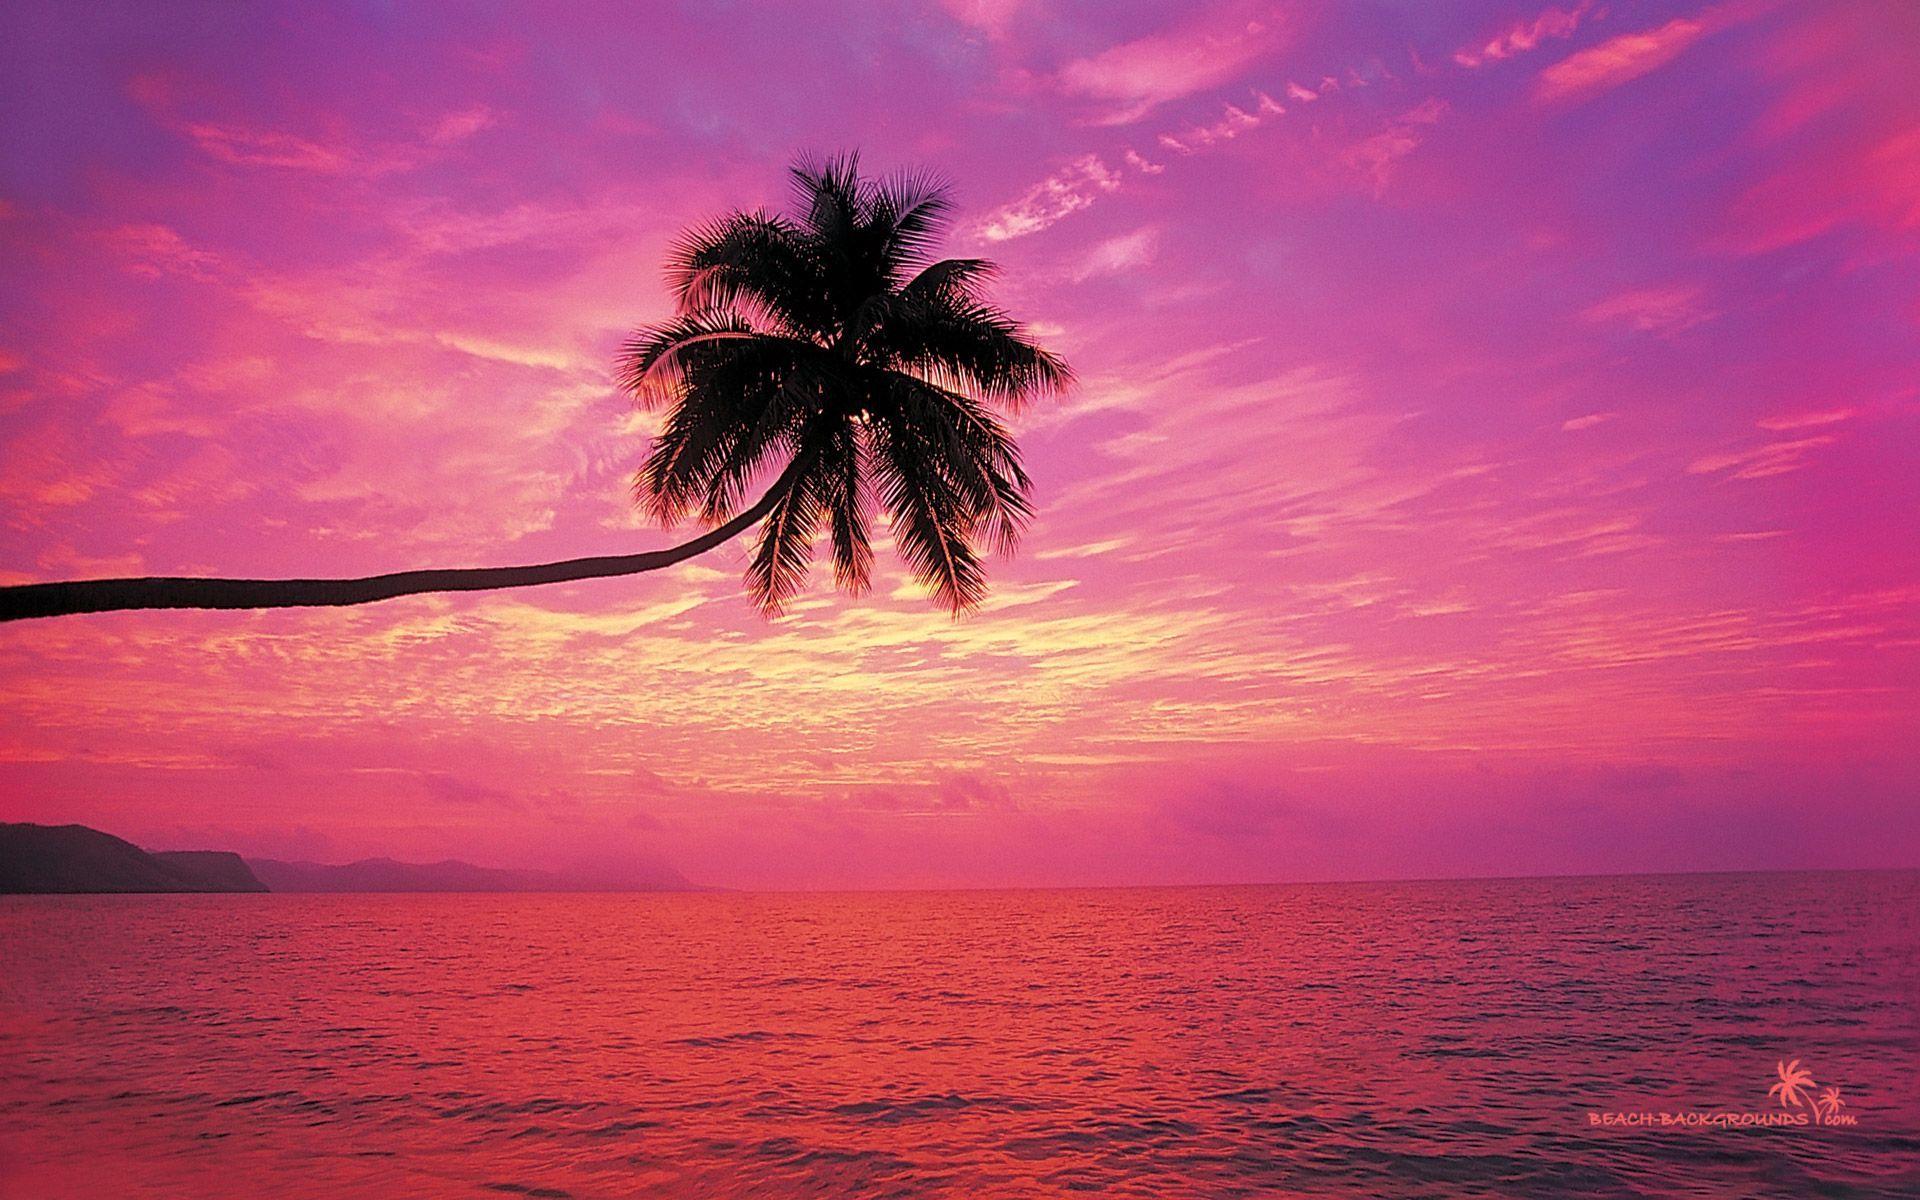 Sunset Beach Backgrounds Beach Wallpaper Beach Background Sunset Wallpaper